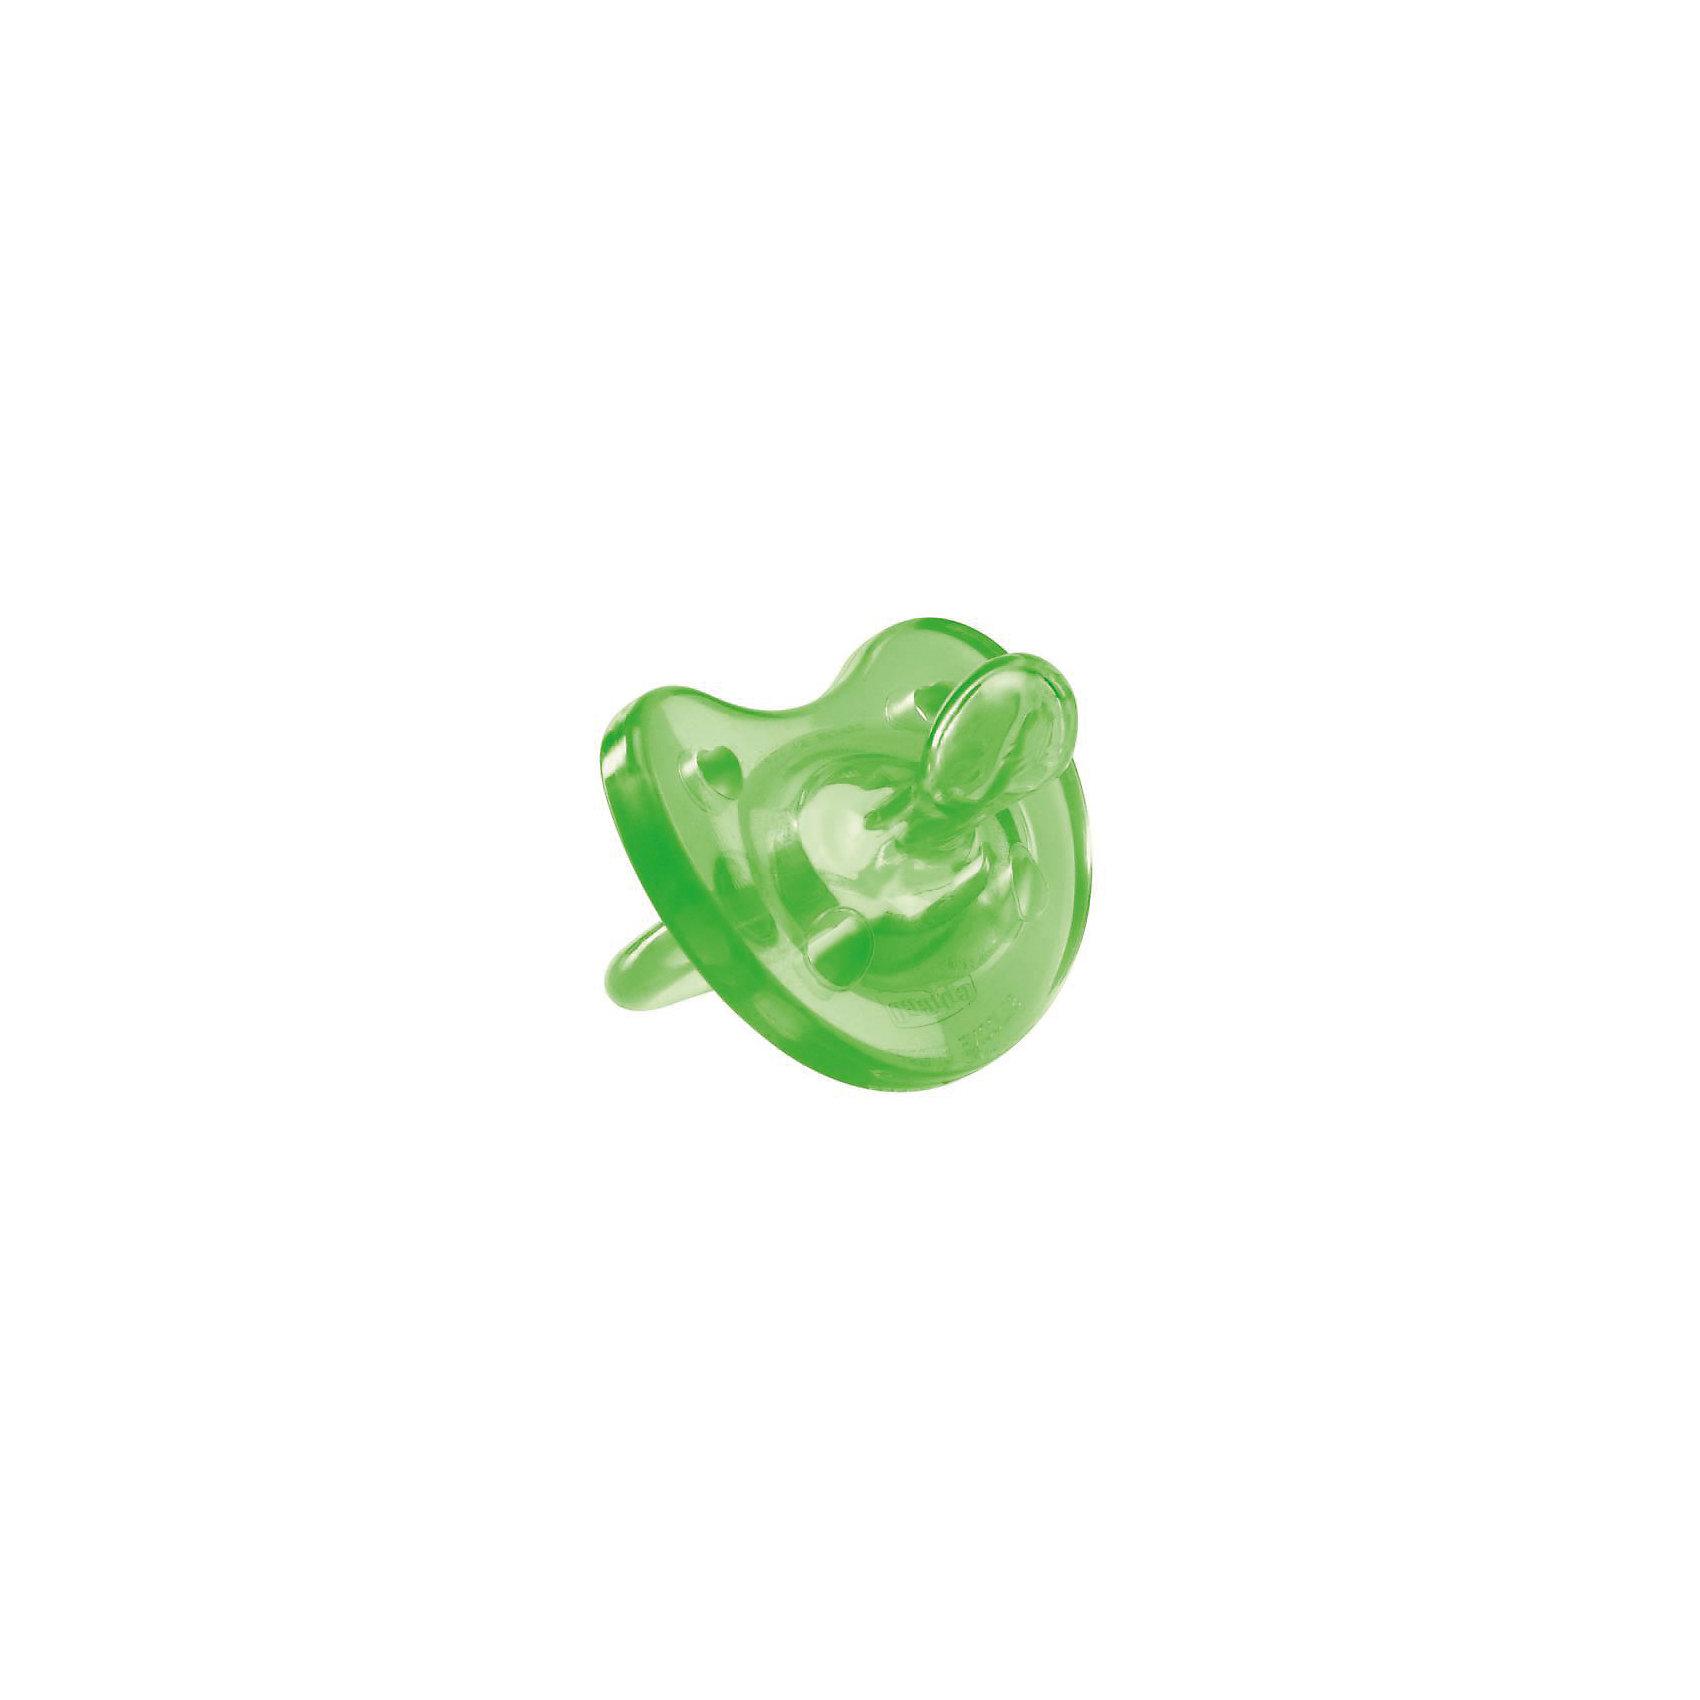 Силиконовая пустышка Physio Soft 4мес.+, CHICCO, зеленый